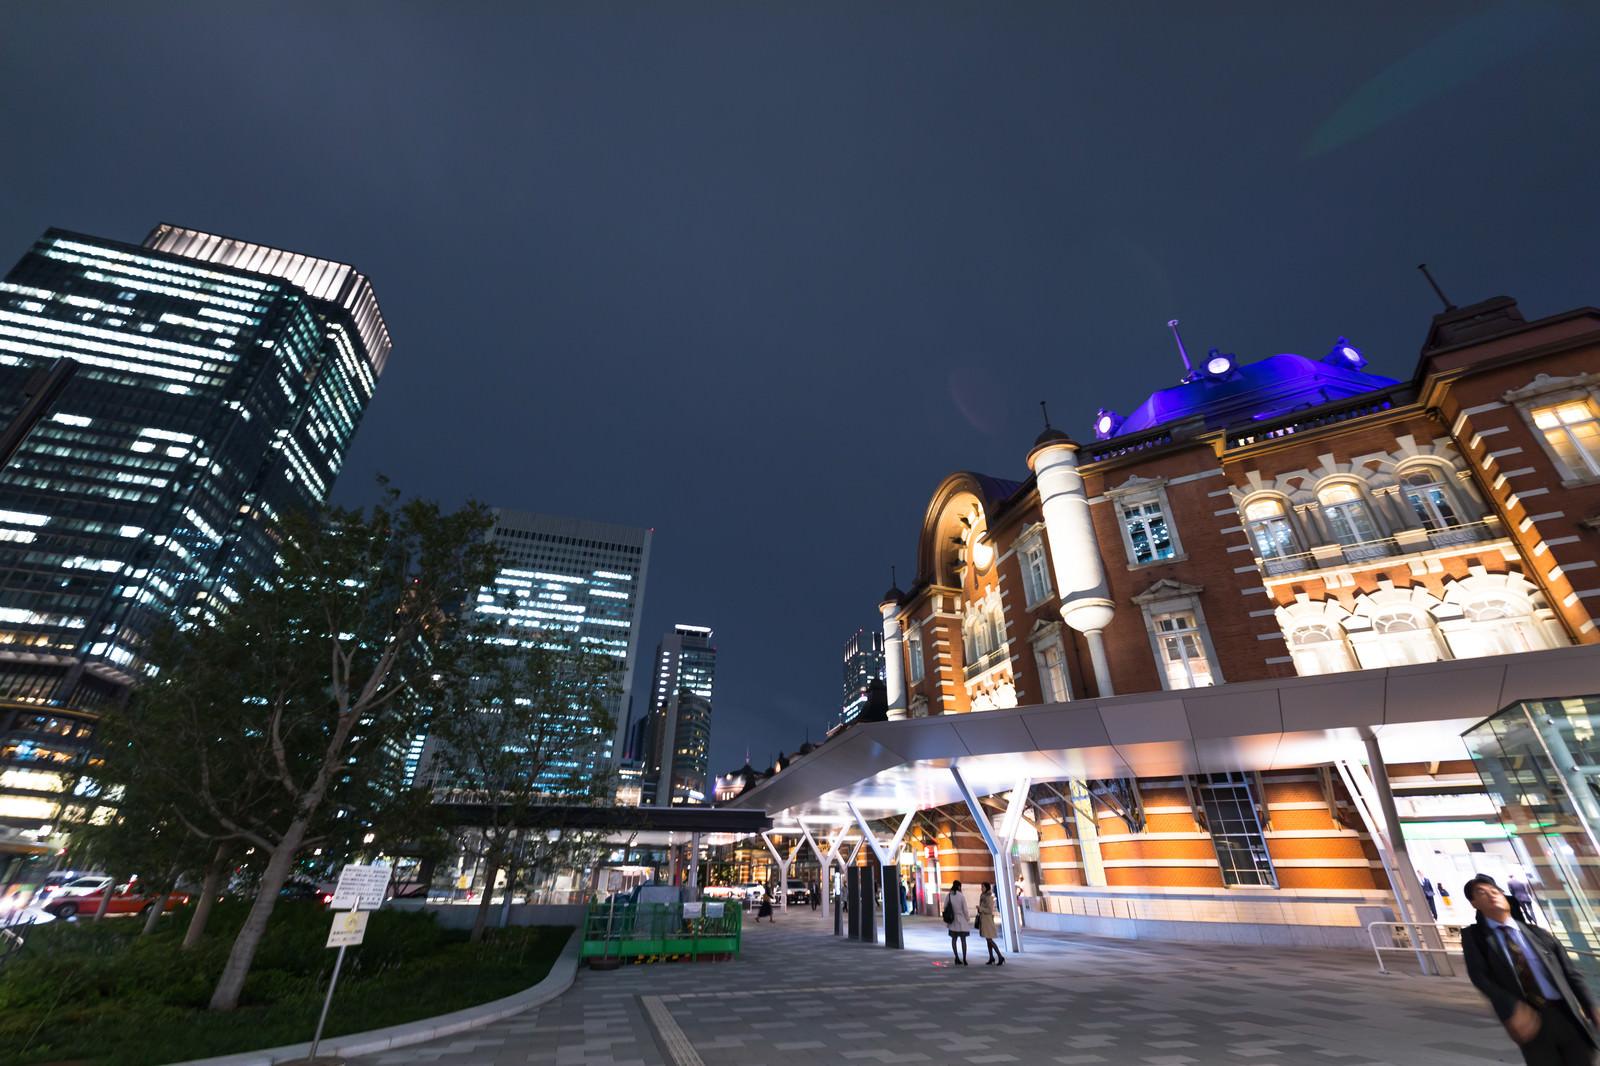 「東京駅前スナップ(夜)東京駅前スナップ(夜)」のフリー写真素材を拡大